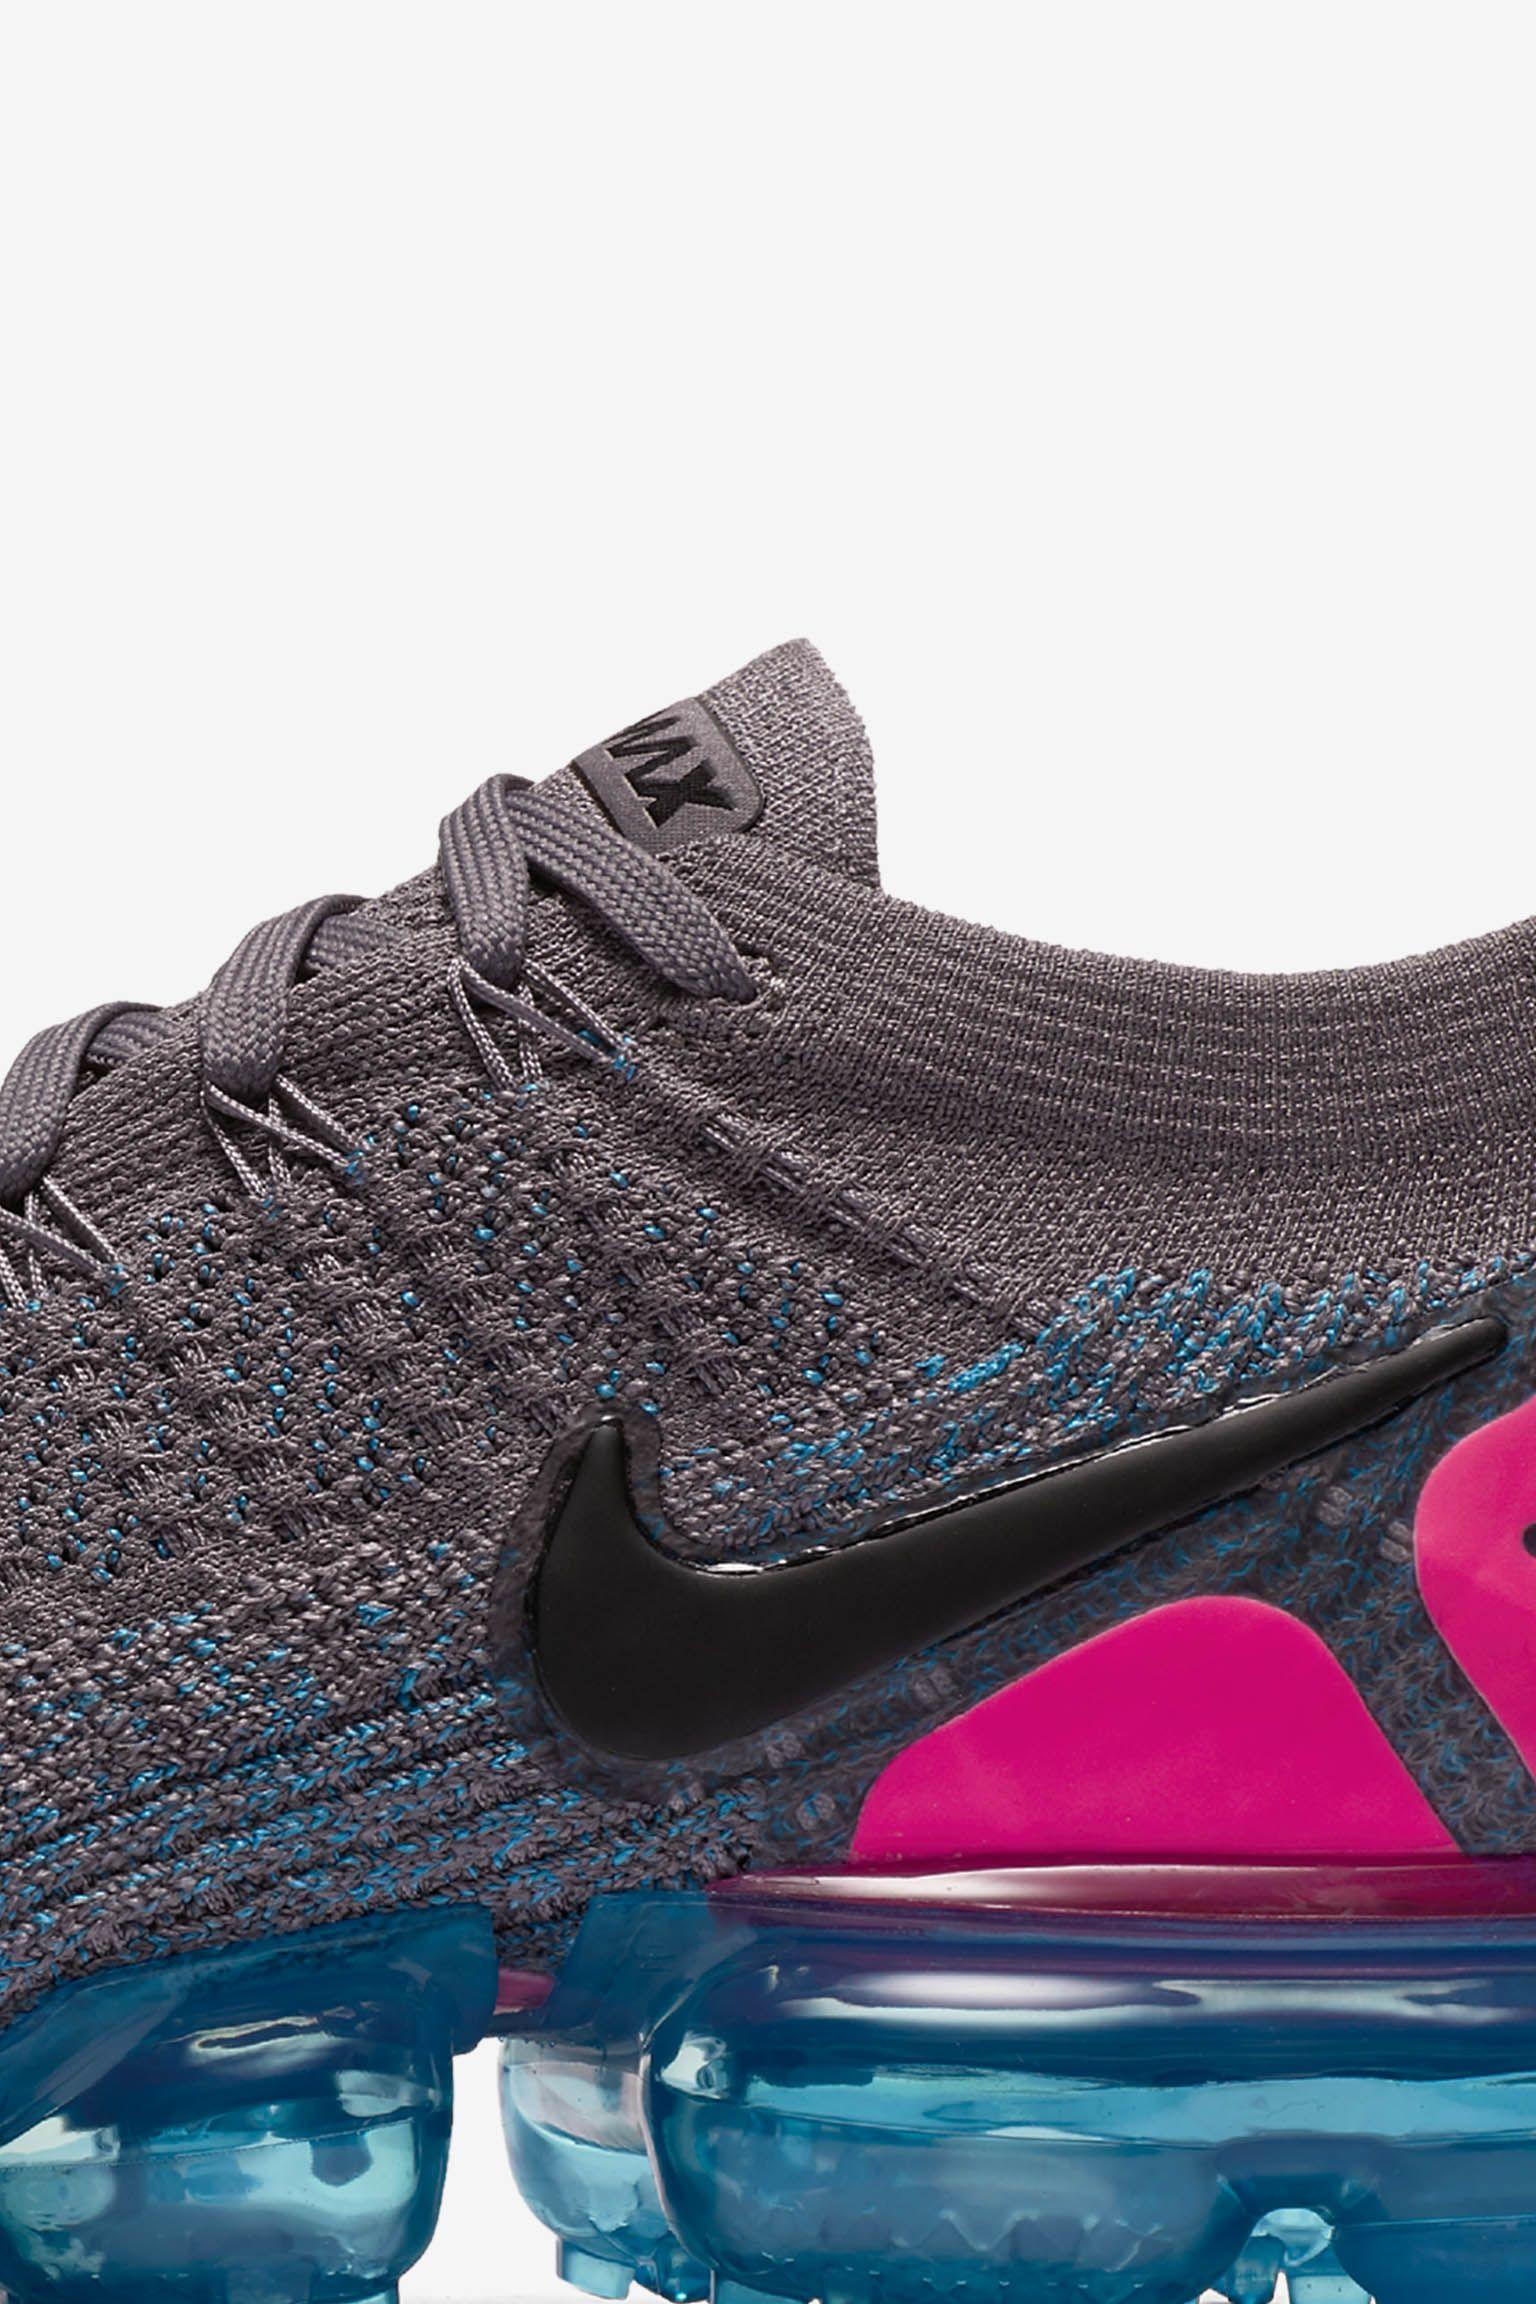 Nike Air Vapormax 2 'Gunsmoke & Blue Orbit & Pink Blast' 发布日期